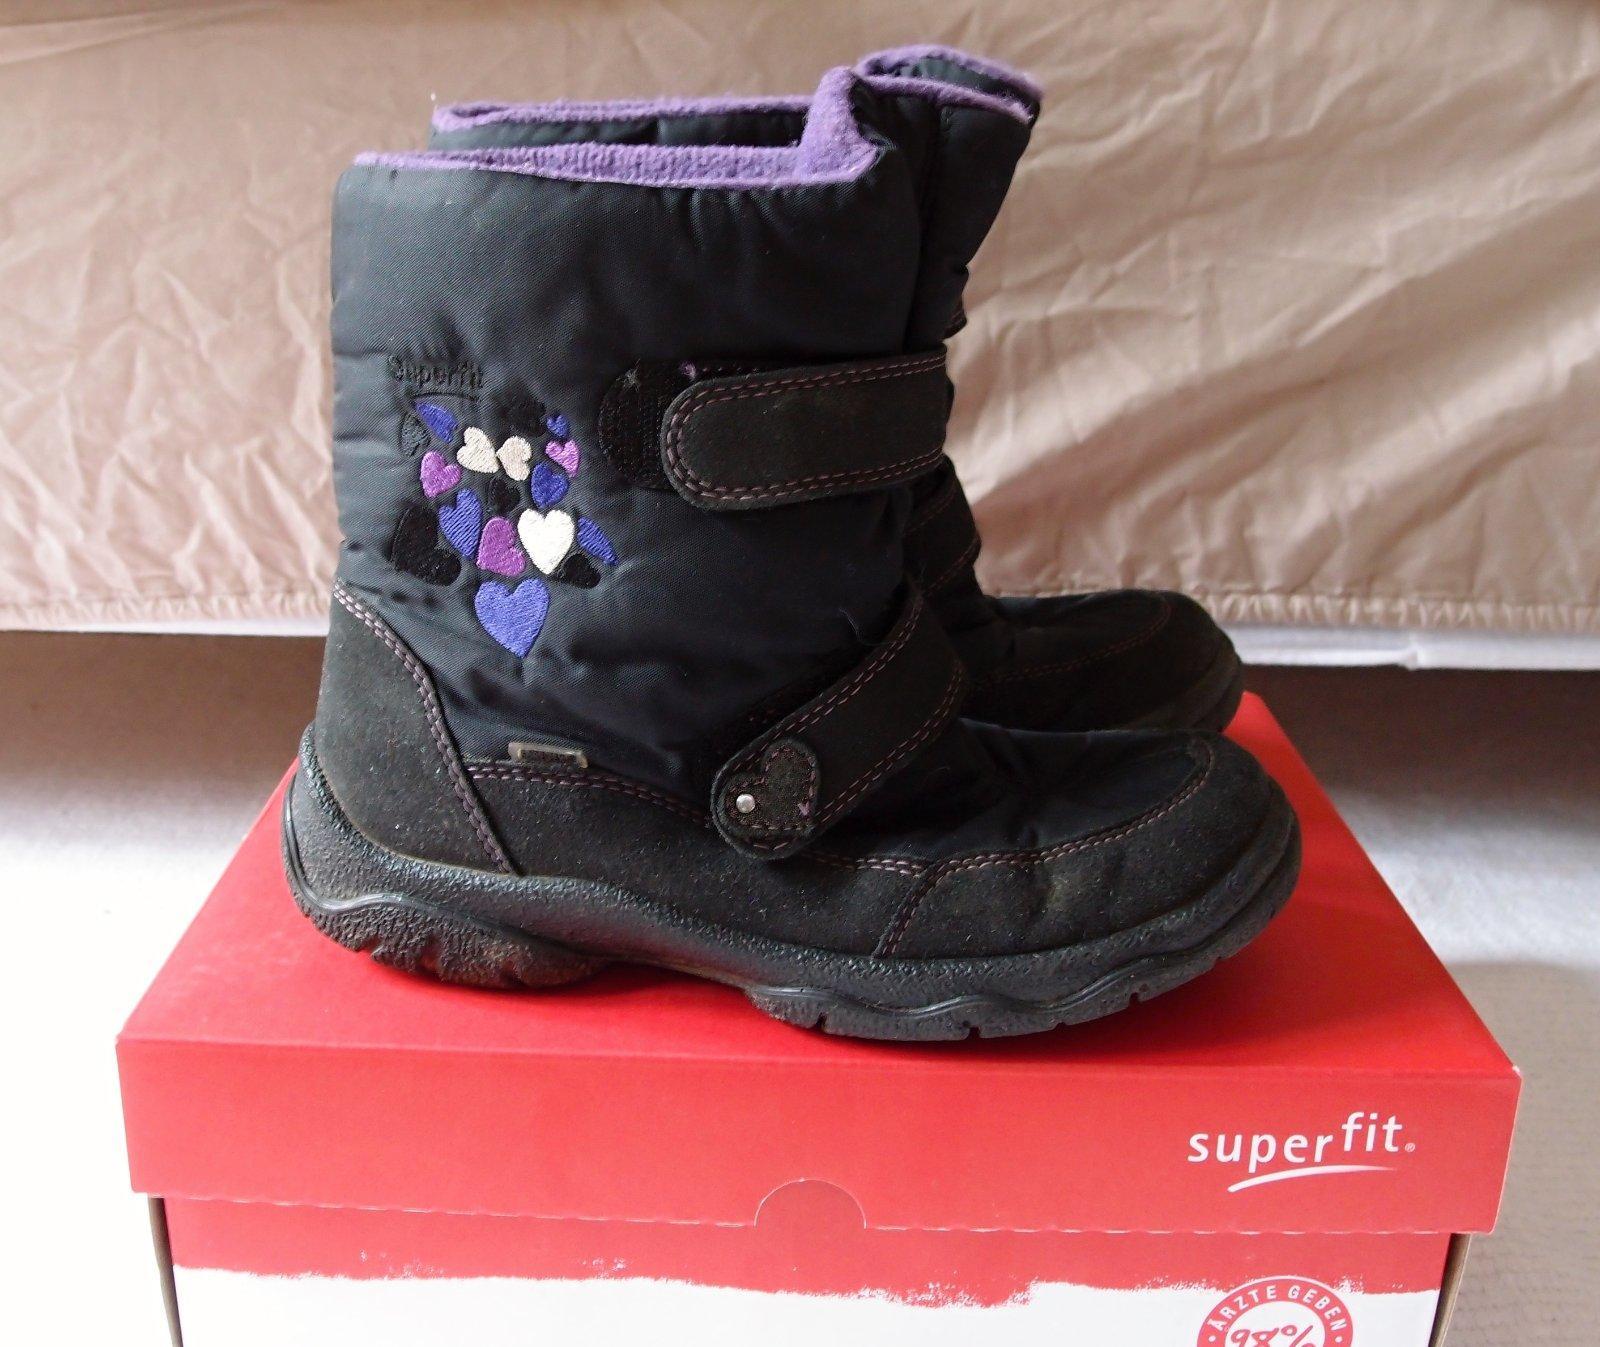 Zimní boty sněhule superfit vel. 34 56e49db472